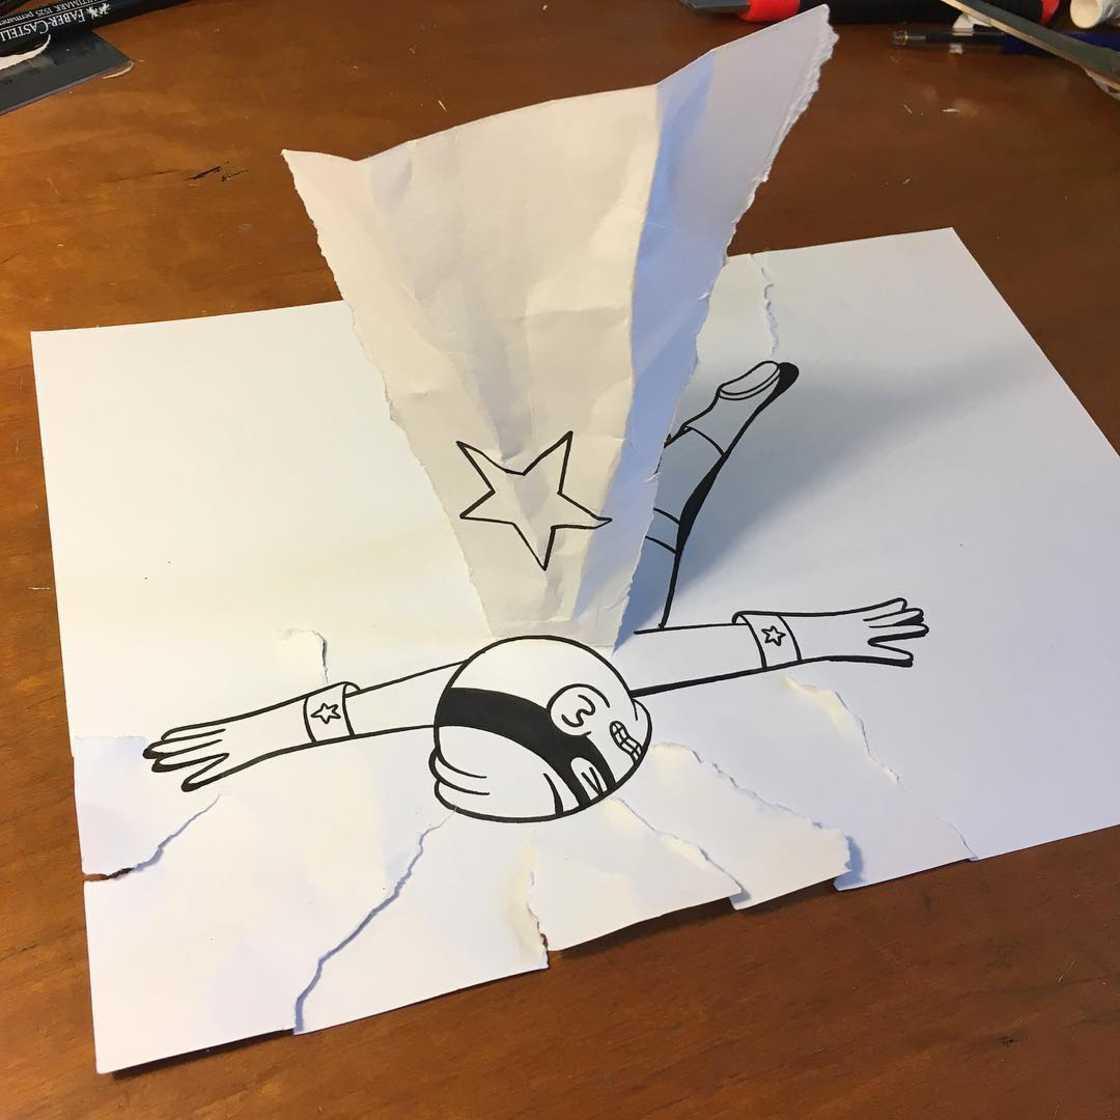 Des situations amusantes avec de simples feuilles de papier